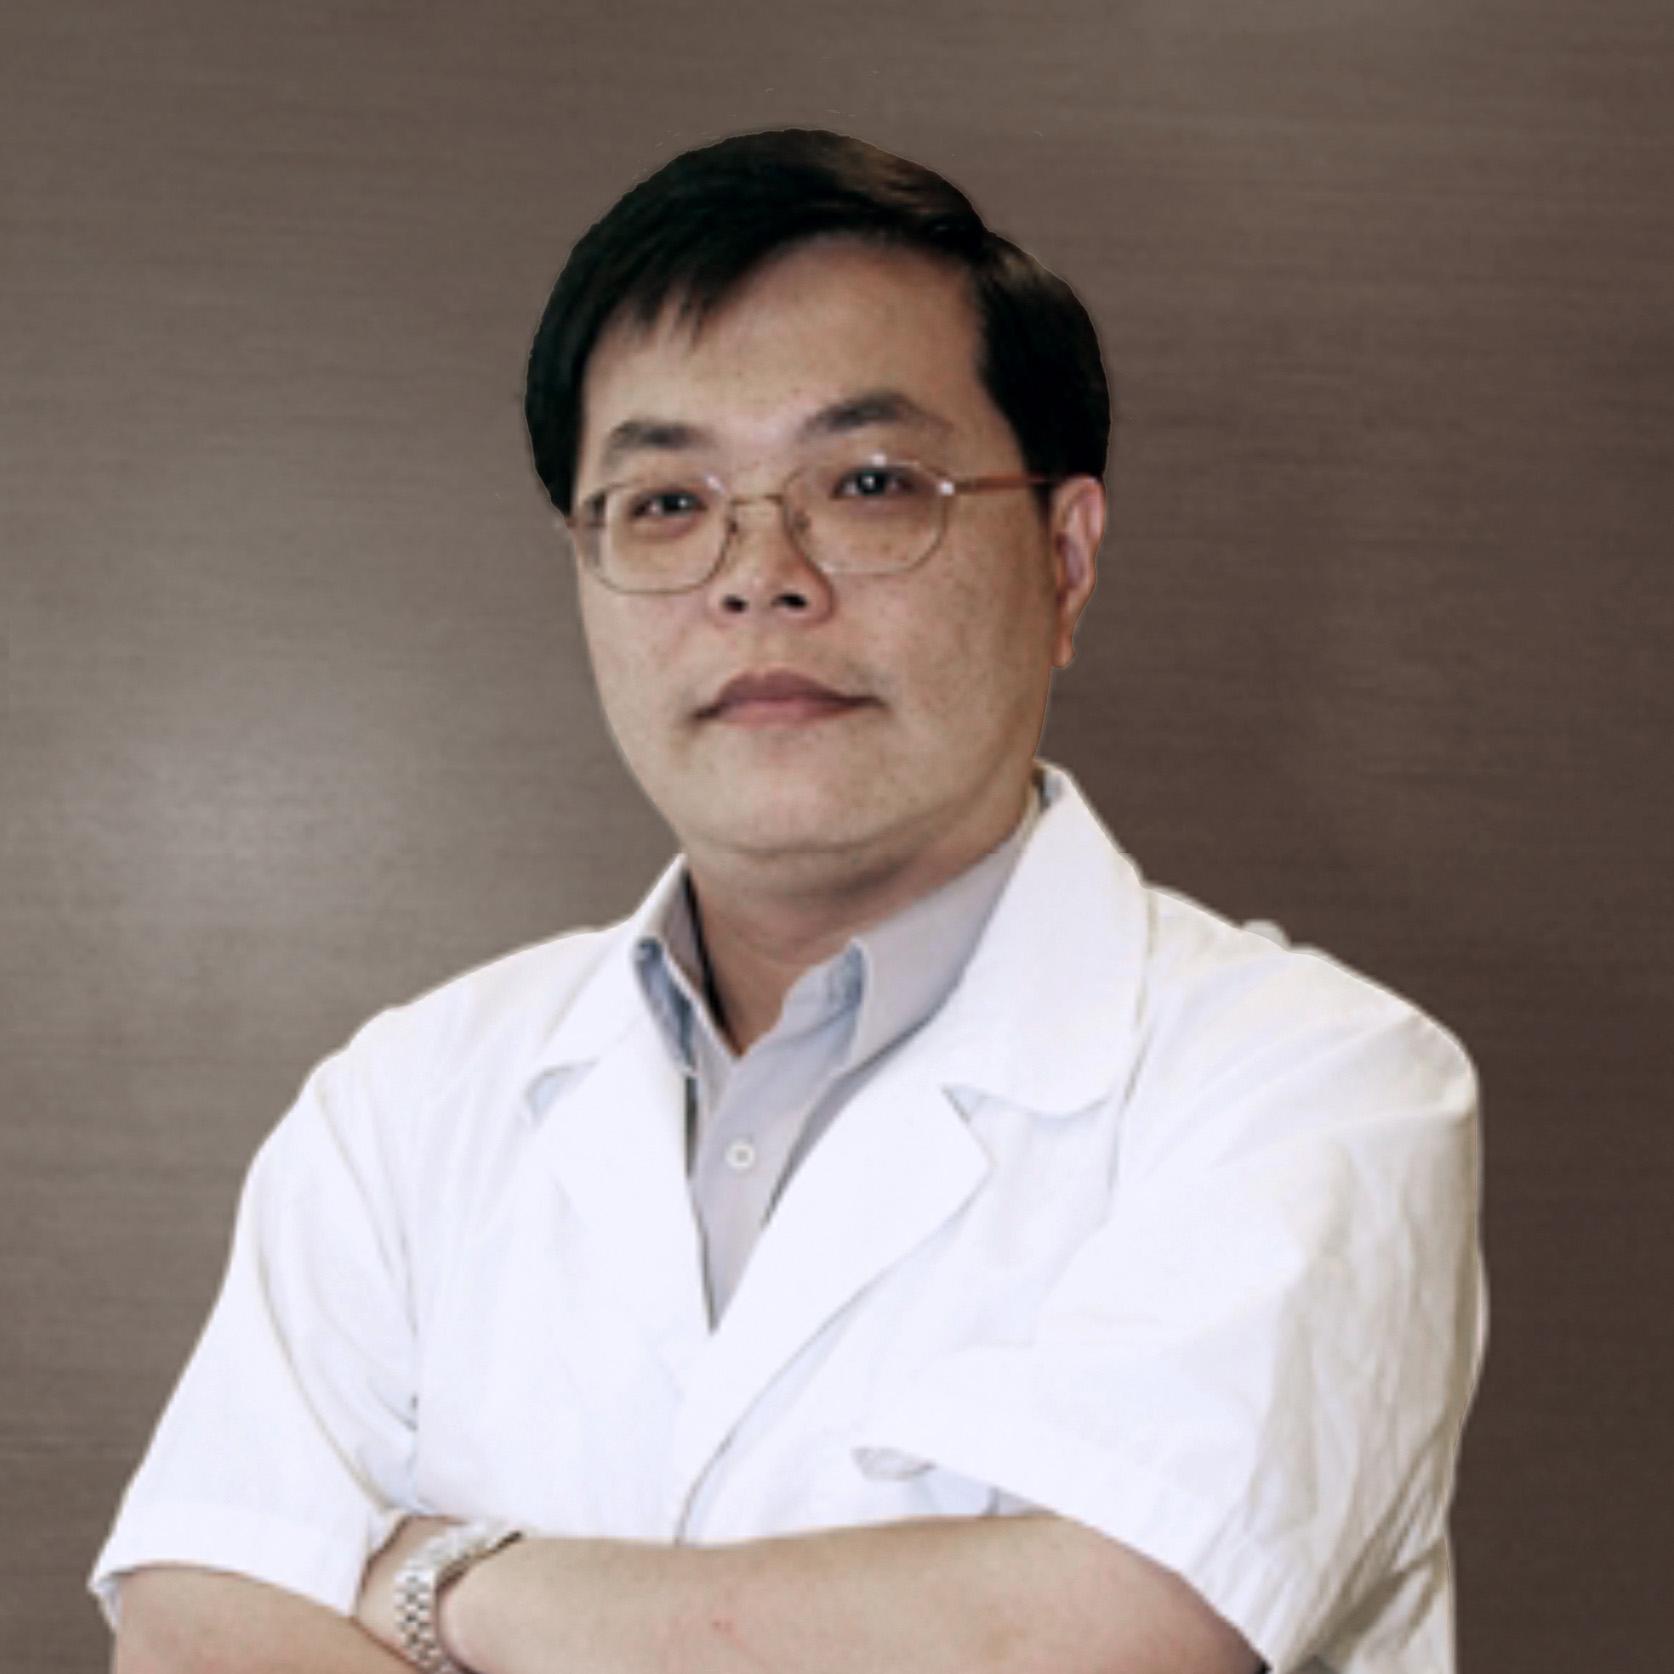 楊昌儒醫師